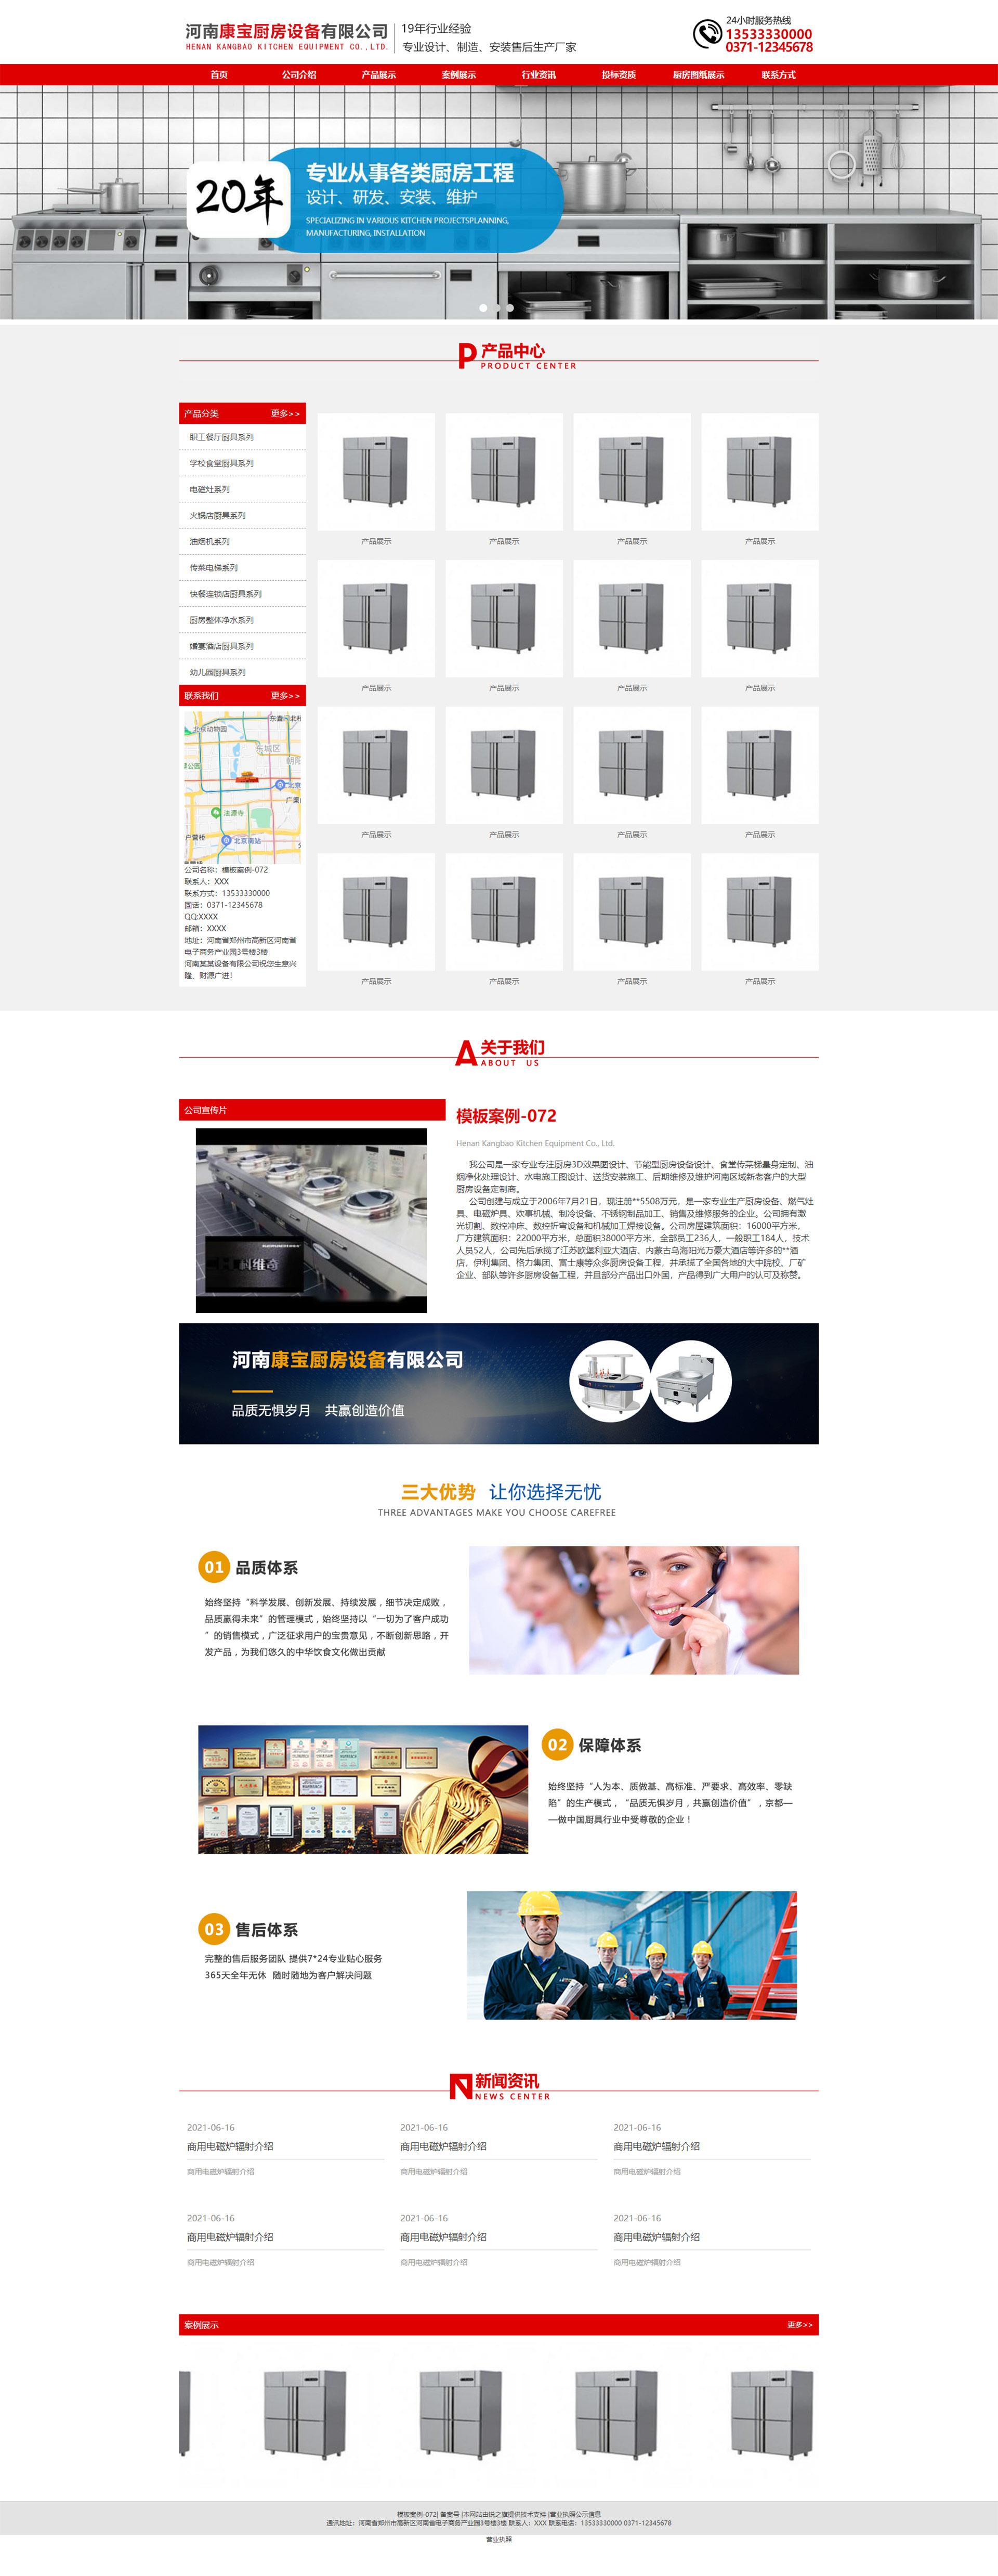 首页---河南康宝厨房设备有限公司.jpg